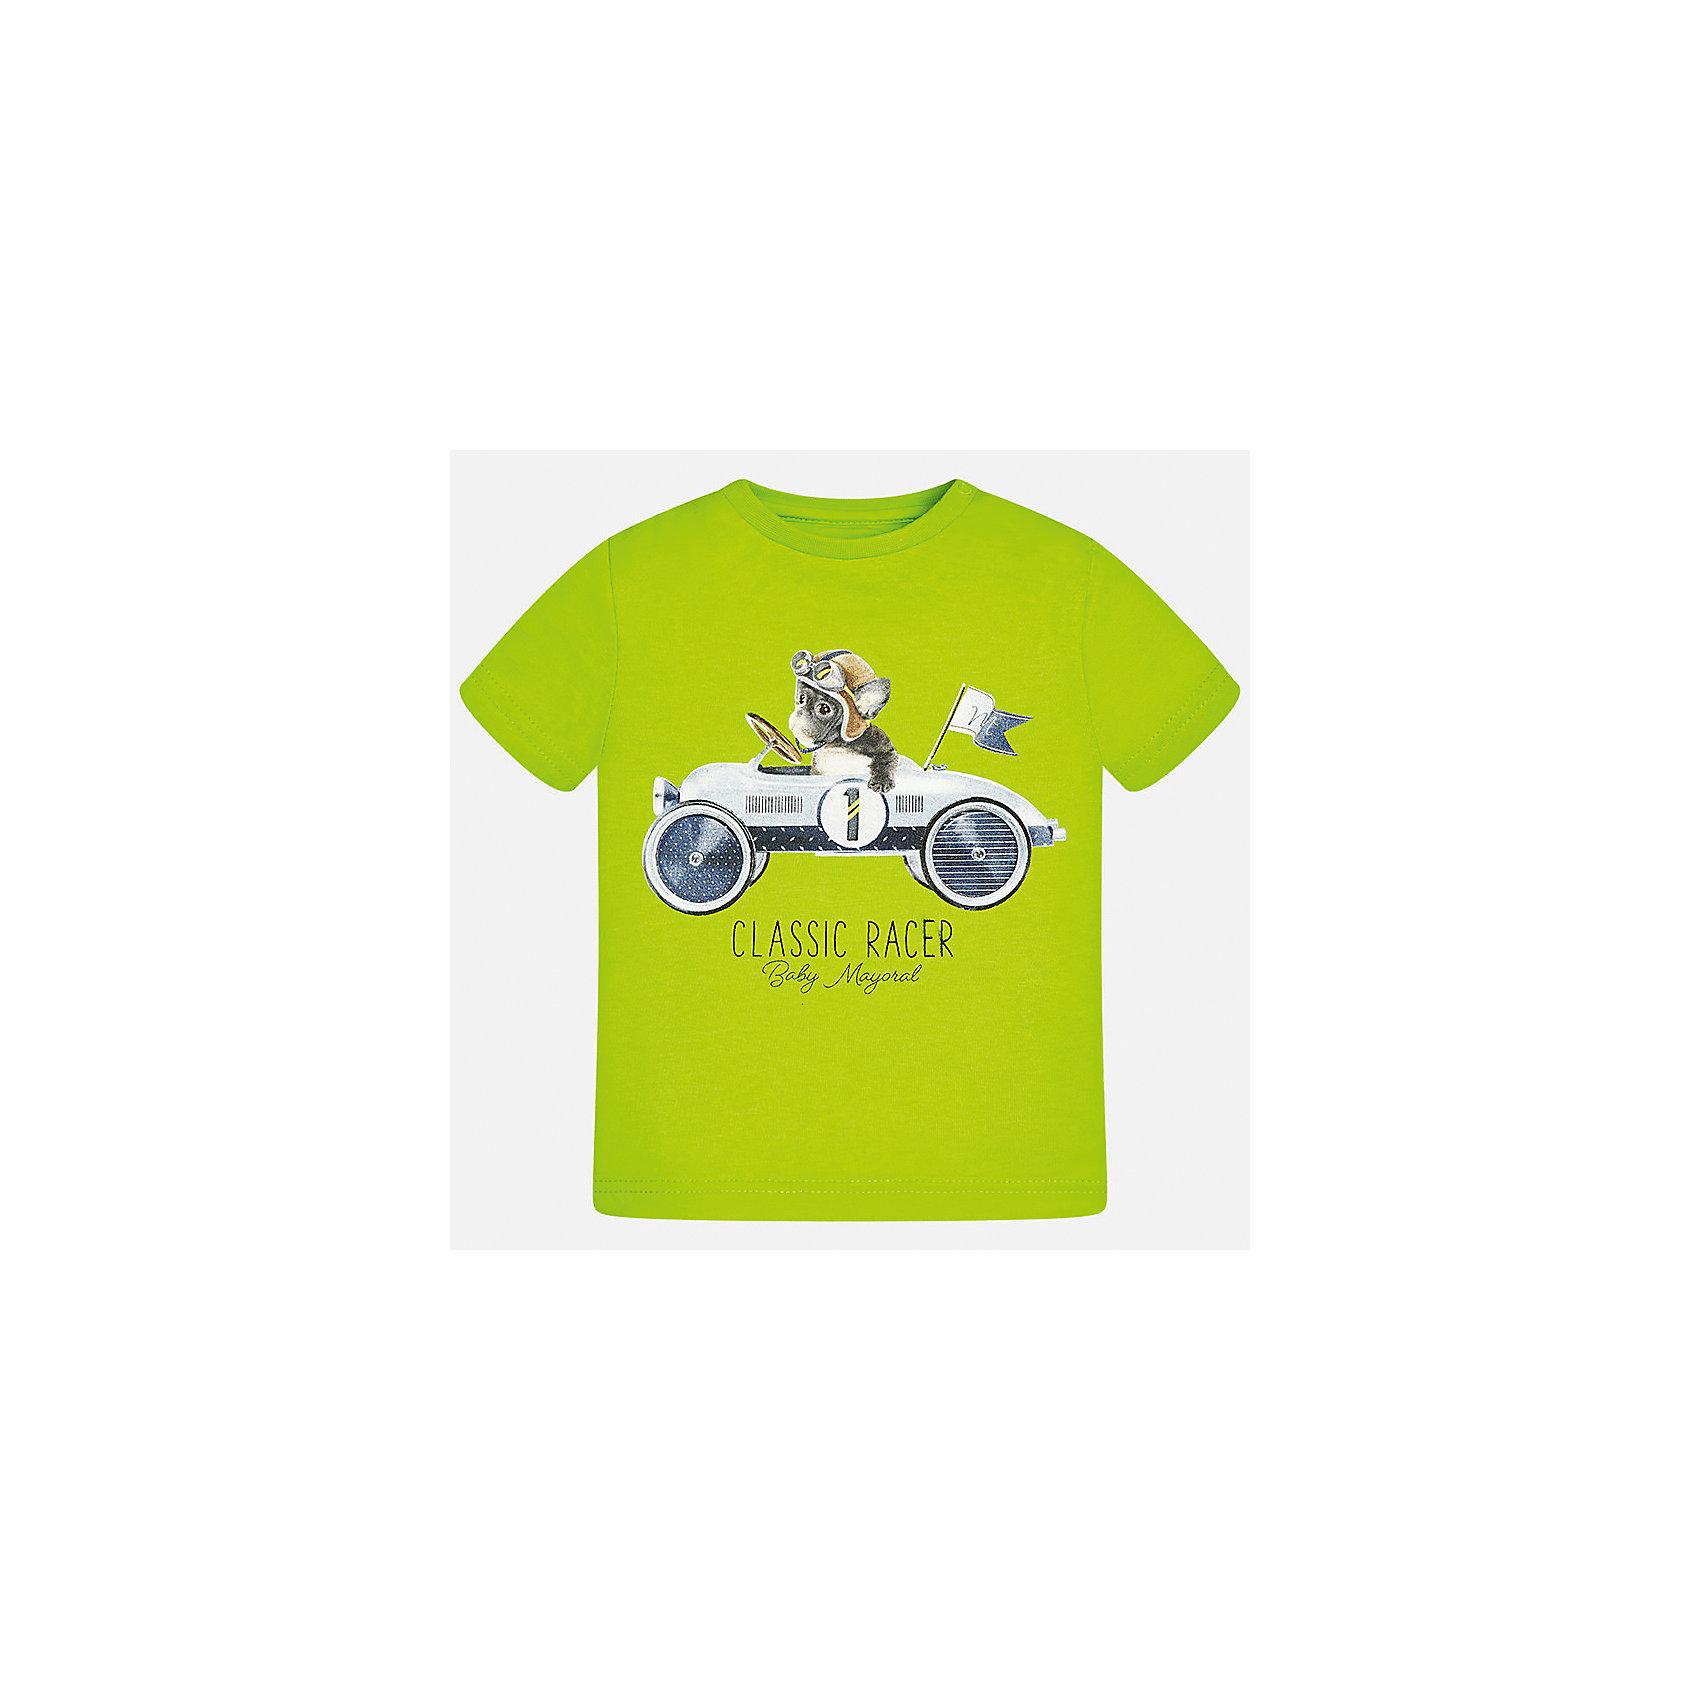 Футболка для мальчика MayoralФутболки, поло и топы<br>Характеристики товара:<br><br>• цвет: зеленый<br>• состав: 100% хлопок<br>• круглый горловой вырез<br>• декорирована принтом<br>• короткие рукава<br>• мягкая отделка горловины<br>• страна бренда: Испания<br><br>Стильная удобная футболка с принтом поможет разнообразить гардероб мальчика. Она отлично сочетается с брюками, шортами, джинсами. Хорошо смотрится и комфортно сидит на детях. В составе материала - натуральный хлопок, гипоаллергенный, приятный на ощупь, дышащий. <br><br>Футболку для мальчика от испанского бренда Mayoral (Майорал) можно купить в нашем интернет-магазине.<br><br>Ширина мм: 199<br>Глубина мм: 10<br>Высота мм: 161<br>Вес г: 151<br>Цвет: зеленый<br>Возраст от месяцев: 18<br>Возраст до месяцев: 24<br>Пол: Мужской<br>Возраст: Детский<br>Размер: 92,86,80,74<br>SKU: 5278382